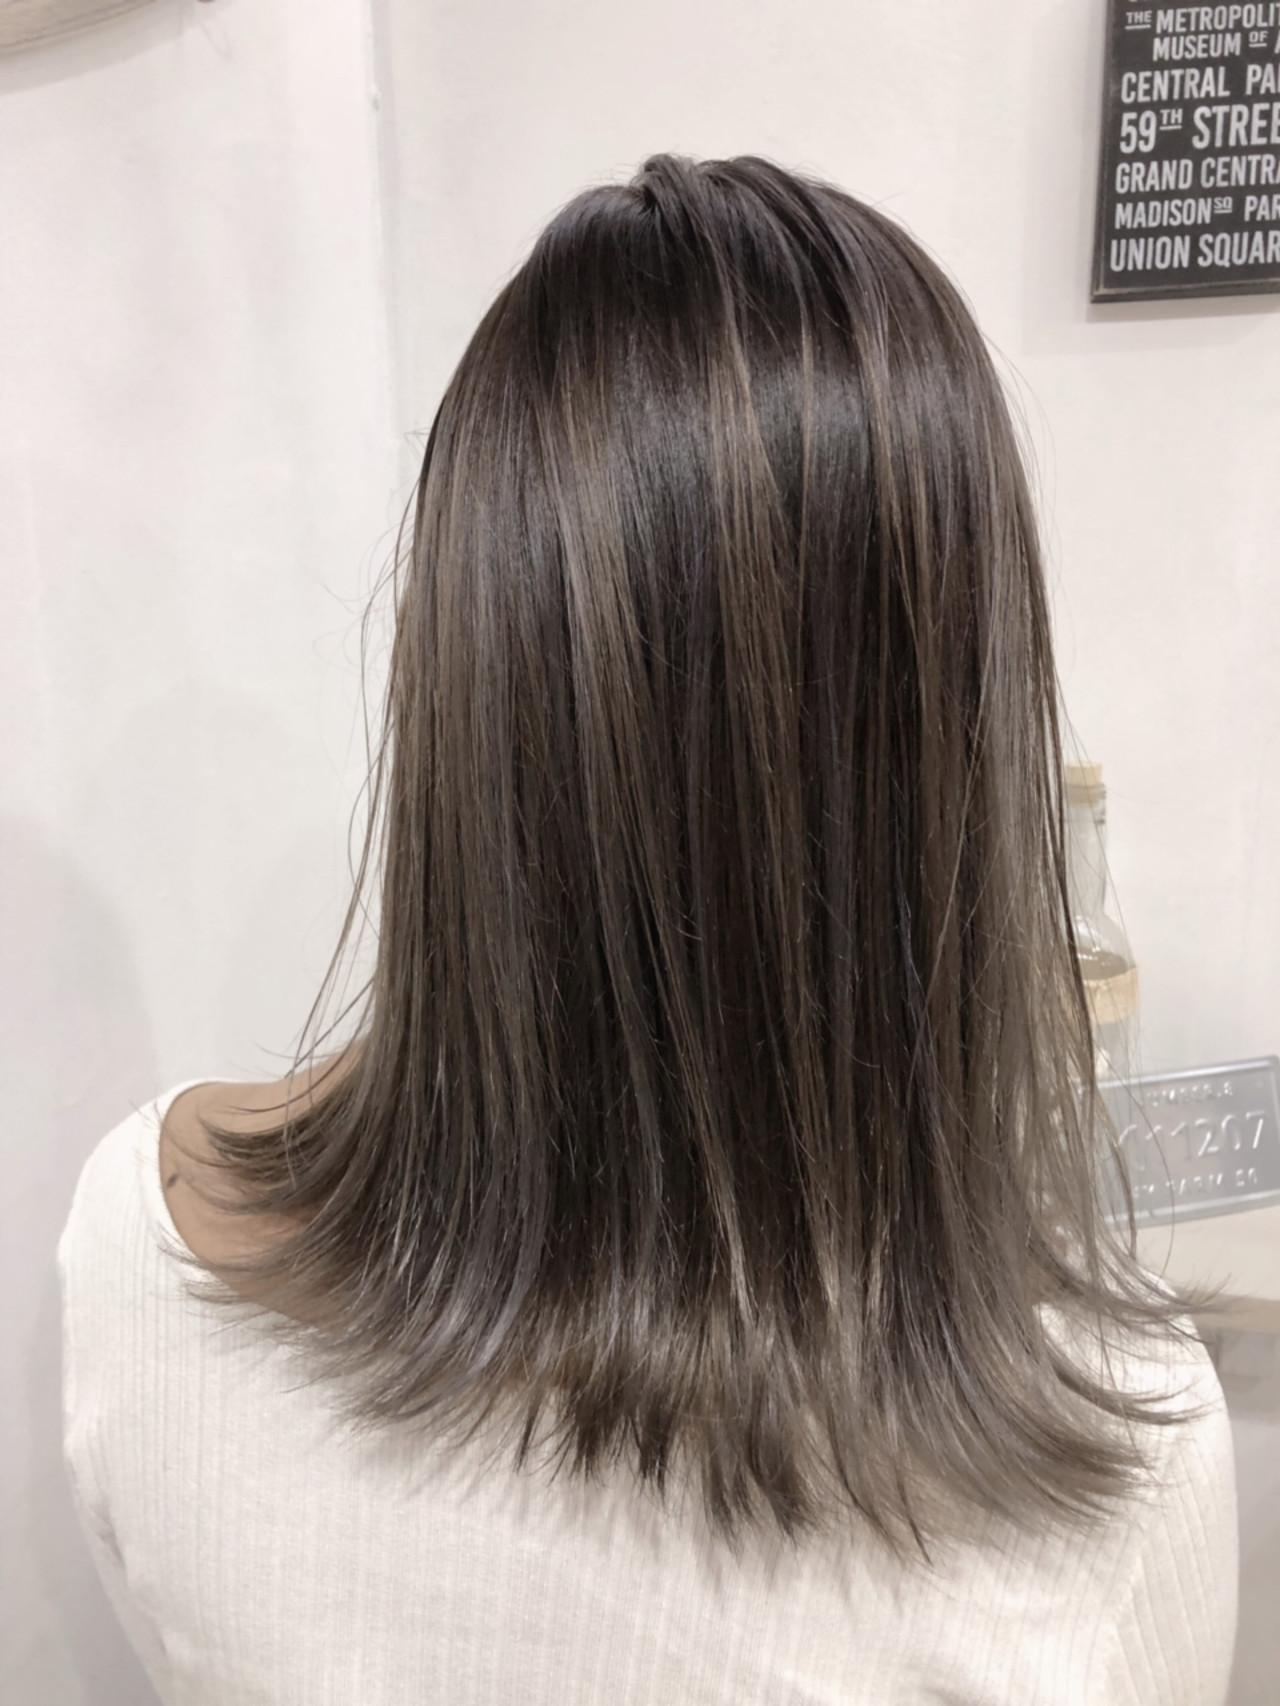 ミディアム 透明感 モード バレイヤージュ ヘアスタイルや髪型の写真・画像